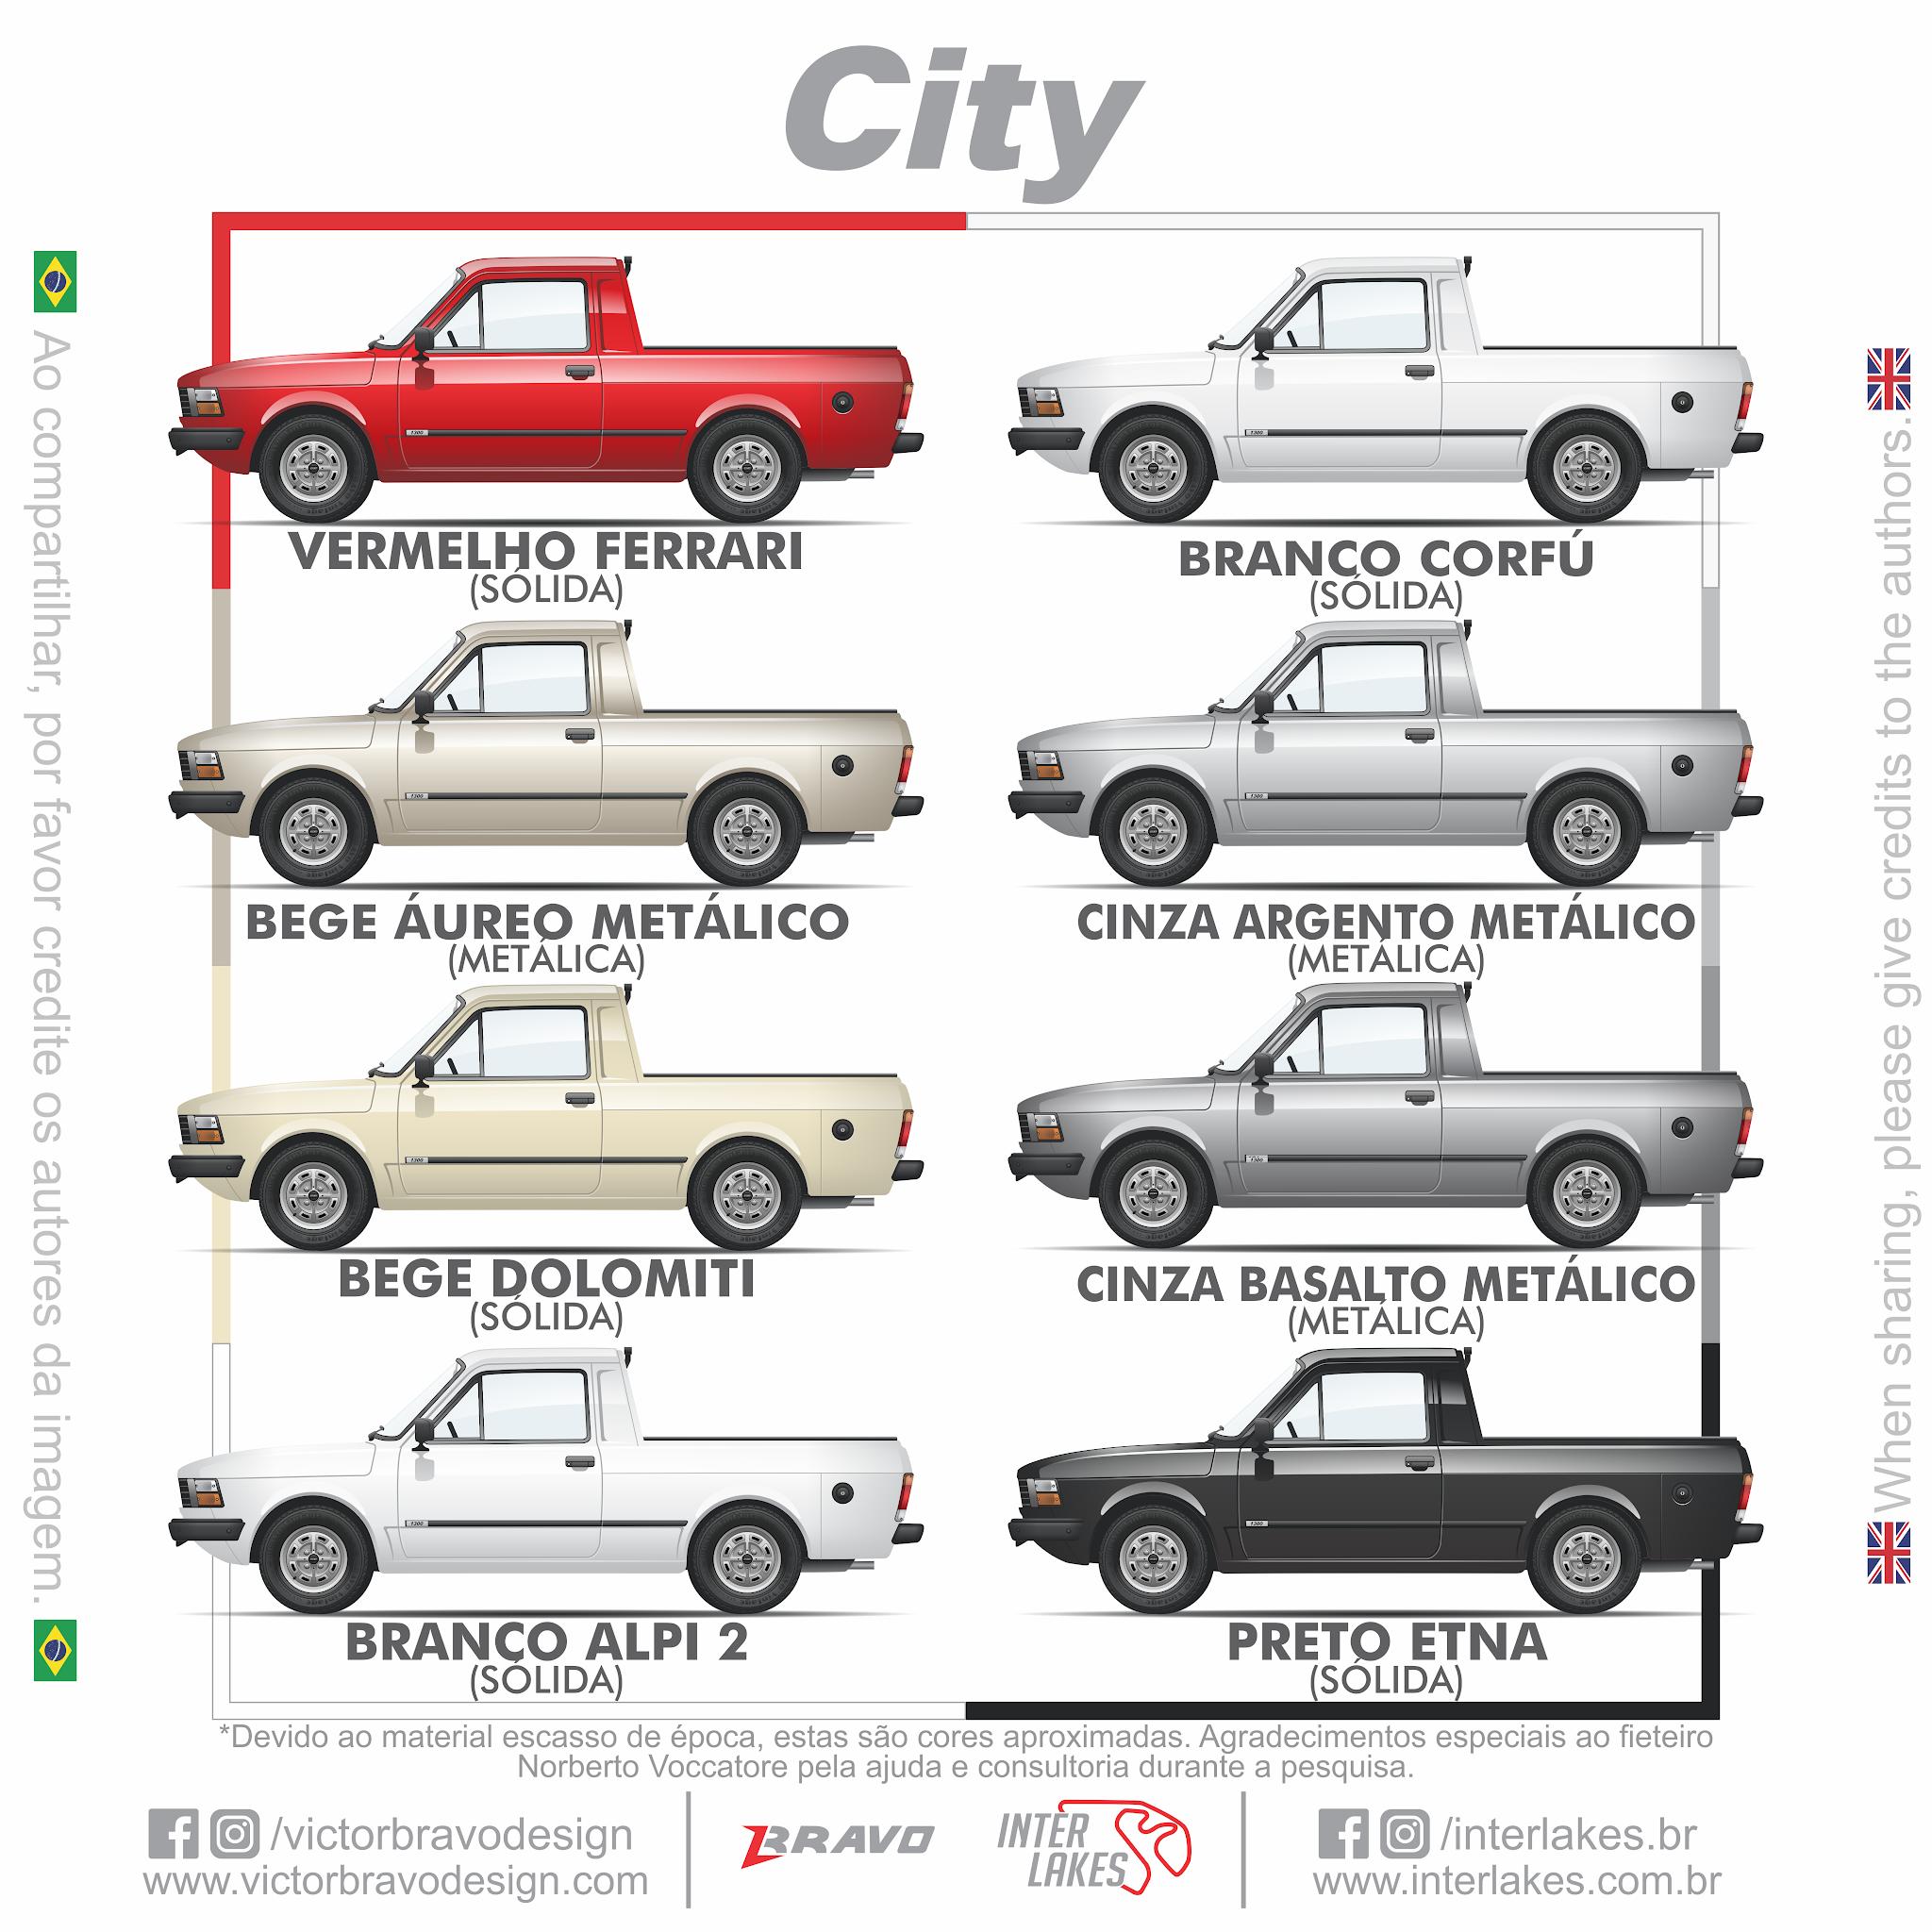 Imagem mostrando os desenhos com as cores do Fiat Pick-Up City 1982-1984 ; Vermelho Ferrari, Bege Áureo Metálico, Bege Dolomiti, Branco Alpi 2, Branco Dorfú, Cinza Argento Metálico, Cinza Basalto Metálico e Preto Etna